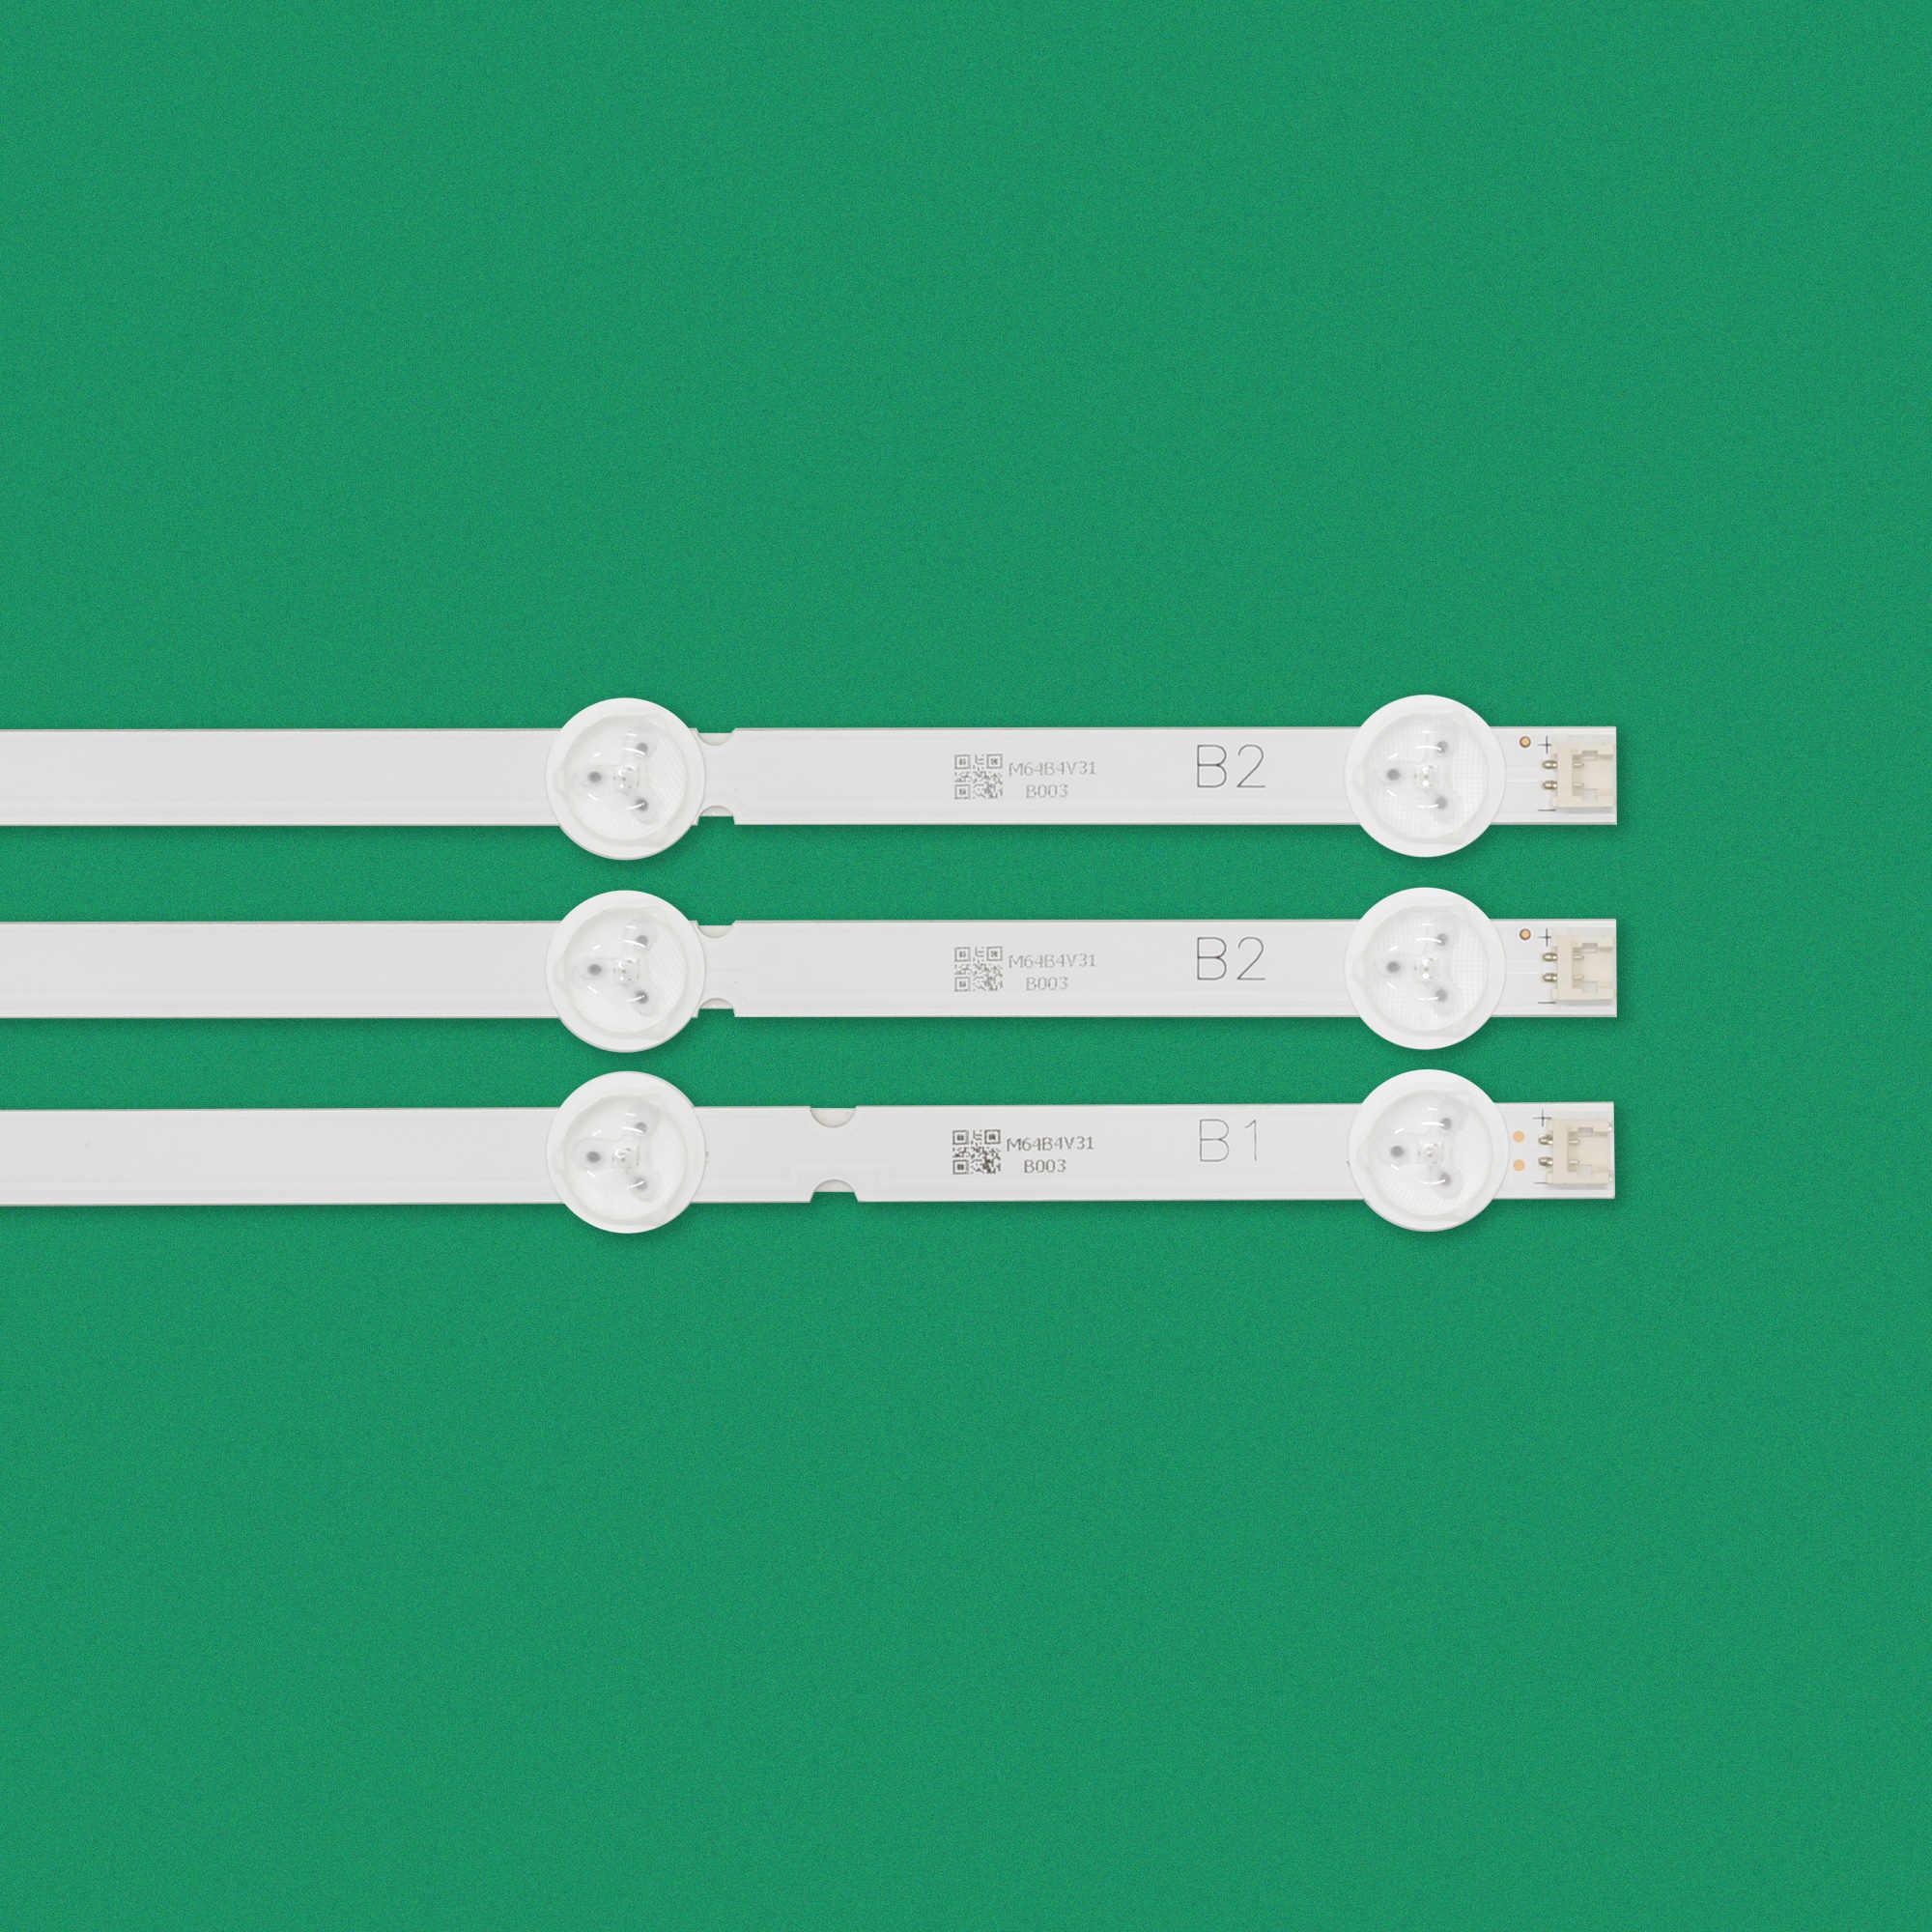 3 قطعة/المجموعة 630 مللي متر LED الخلفية مصابيح شرائط 7 المصابيح ل LG 32 بوصة التلفزيون B1 B2-Type V13 6916L-1204A 6916L-1399A 32LA620V 32LN575S